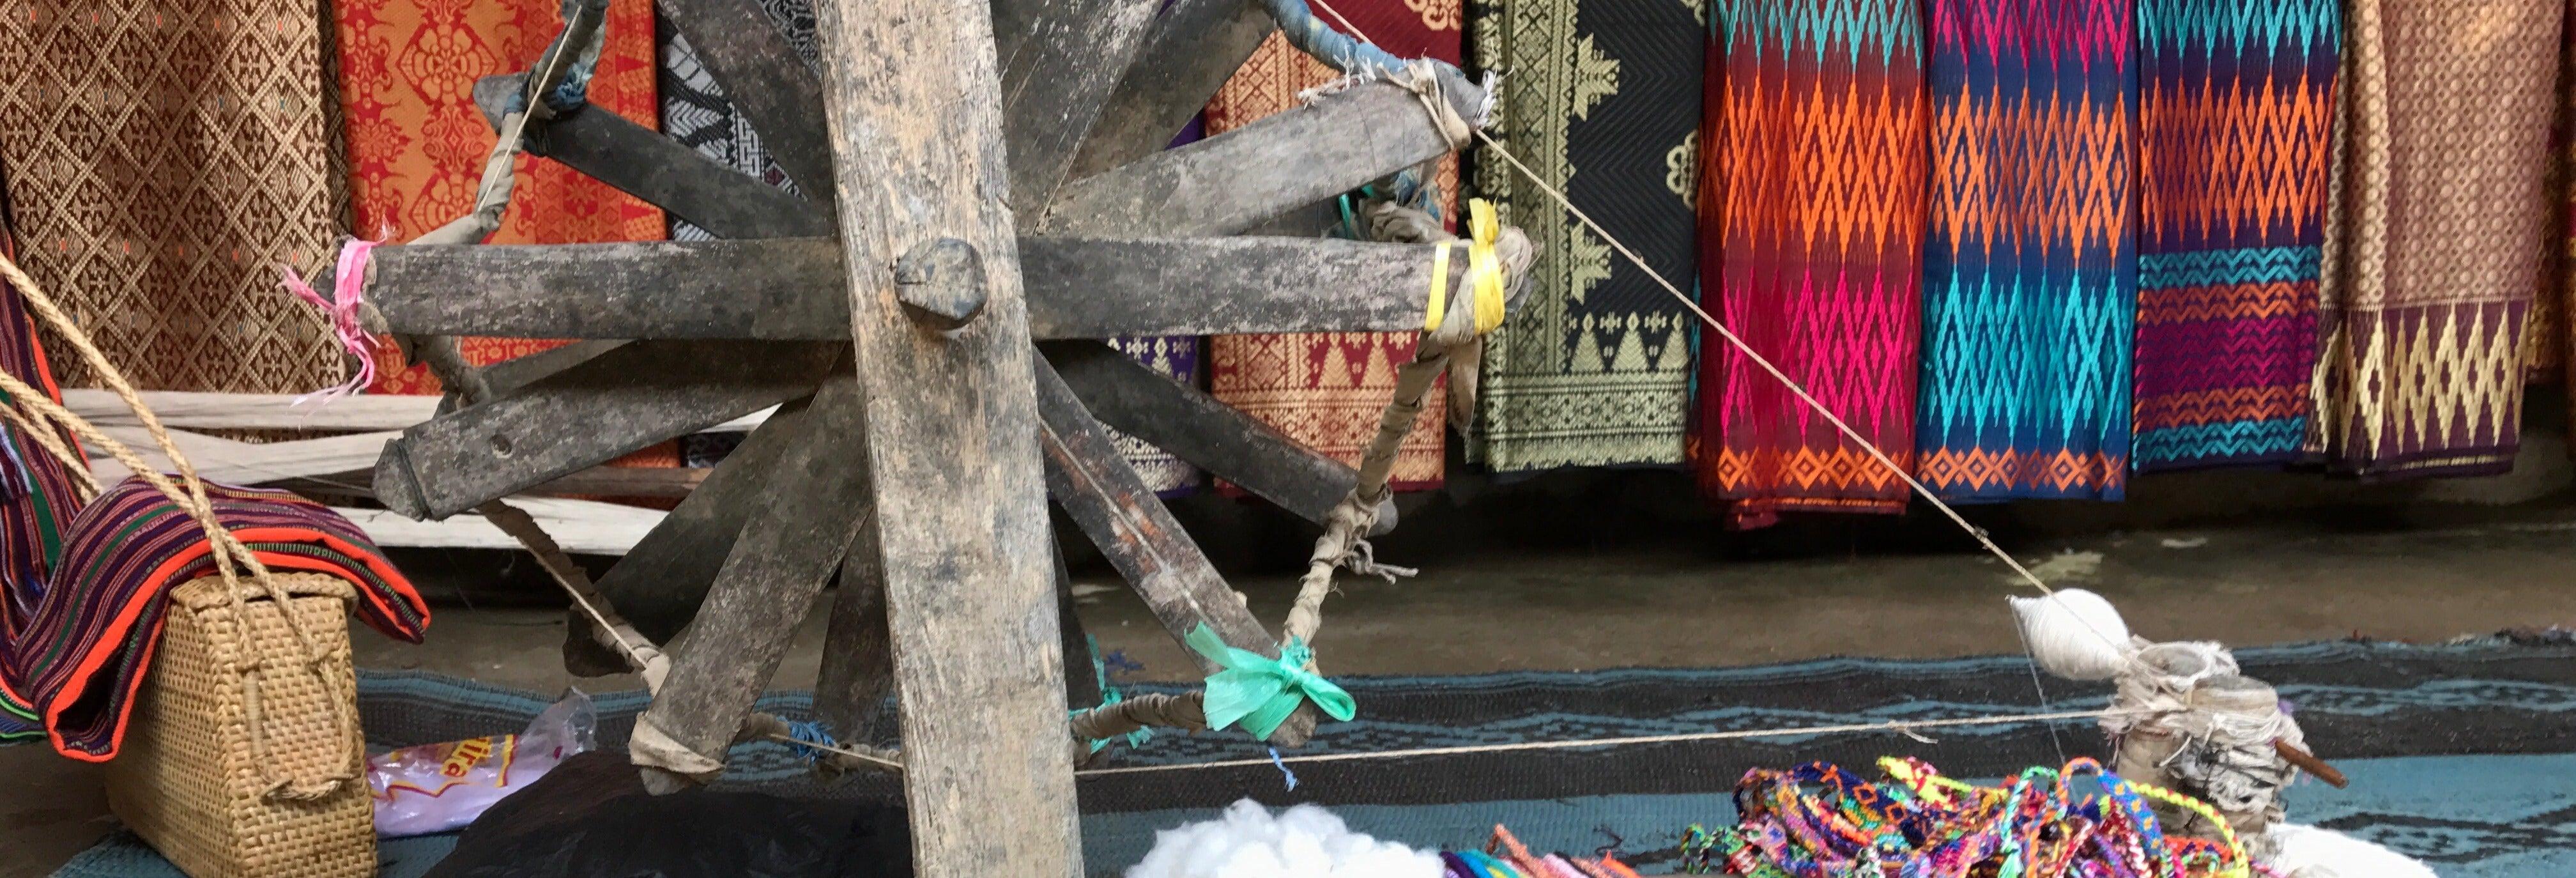 Private Tour of Varanasi Villages